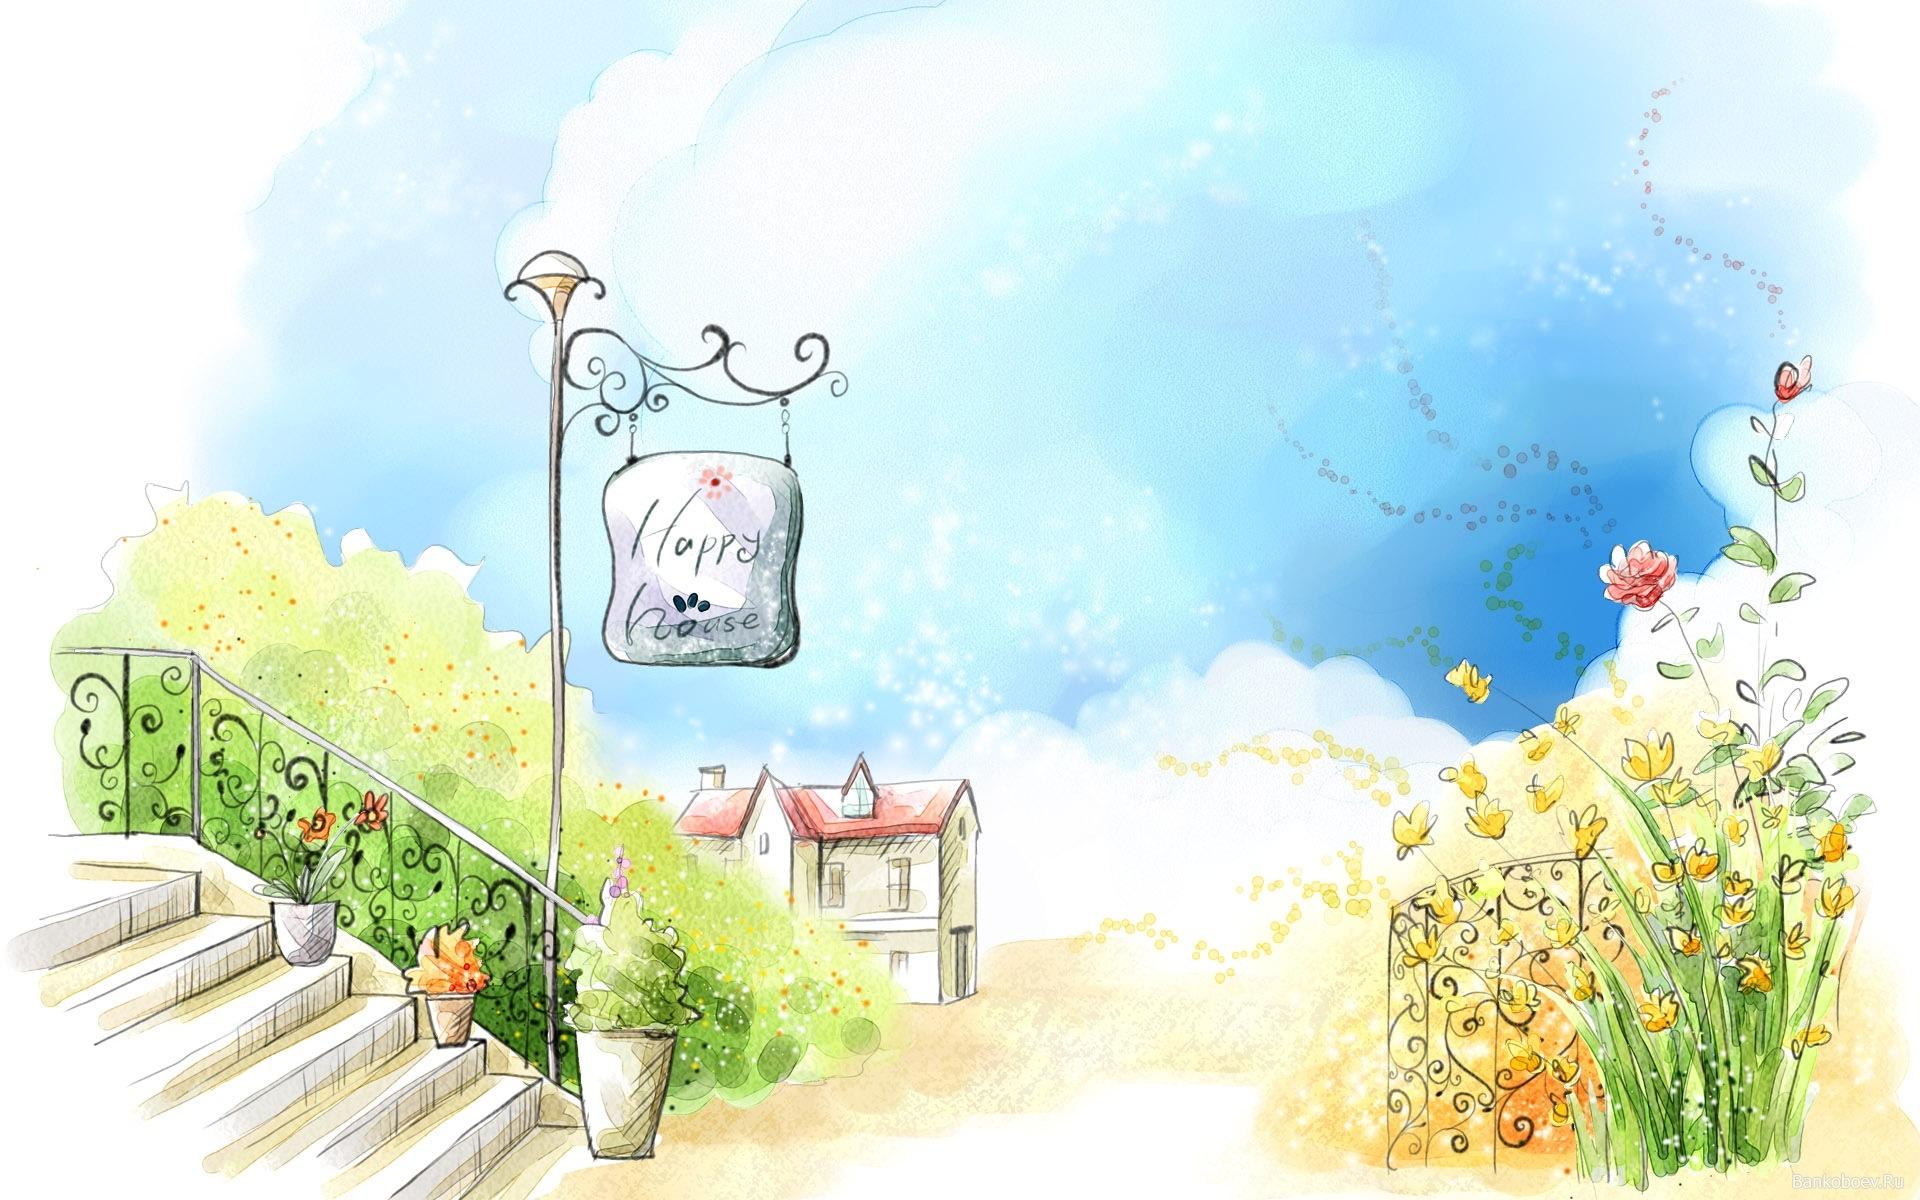 Картинки Дом, лето, цветы, фонарь фото и обои на рабочий стол